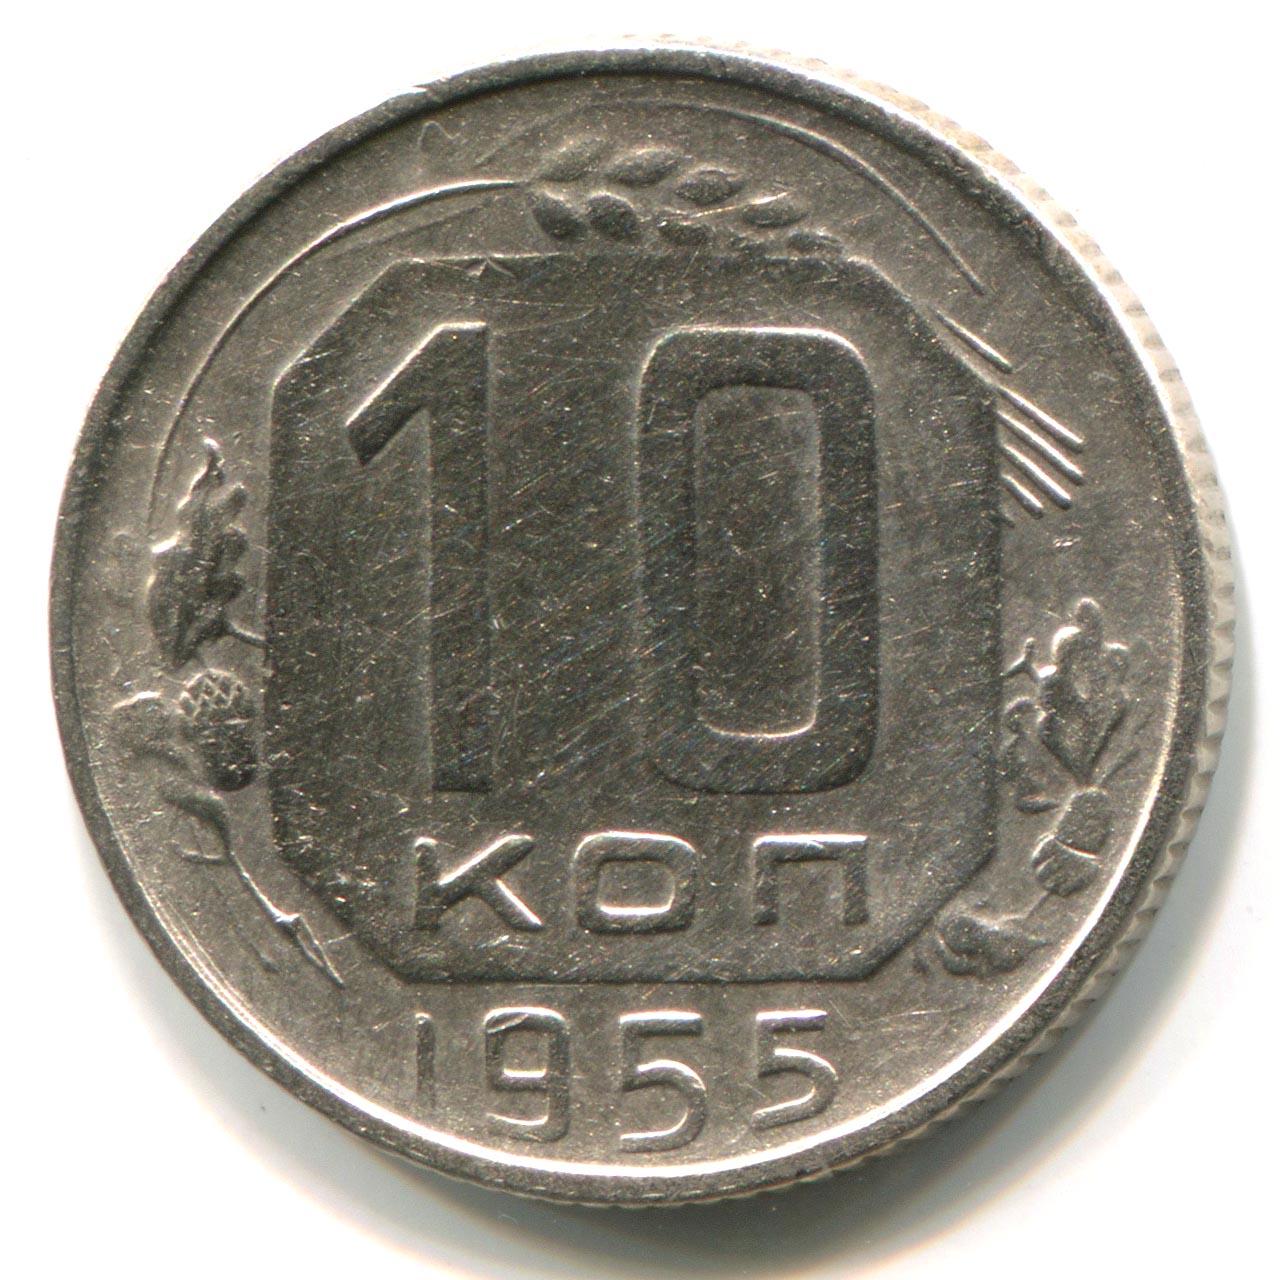 10 копеек 1955 года сколько монет по 10 рублей в трехлитровой